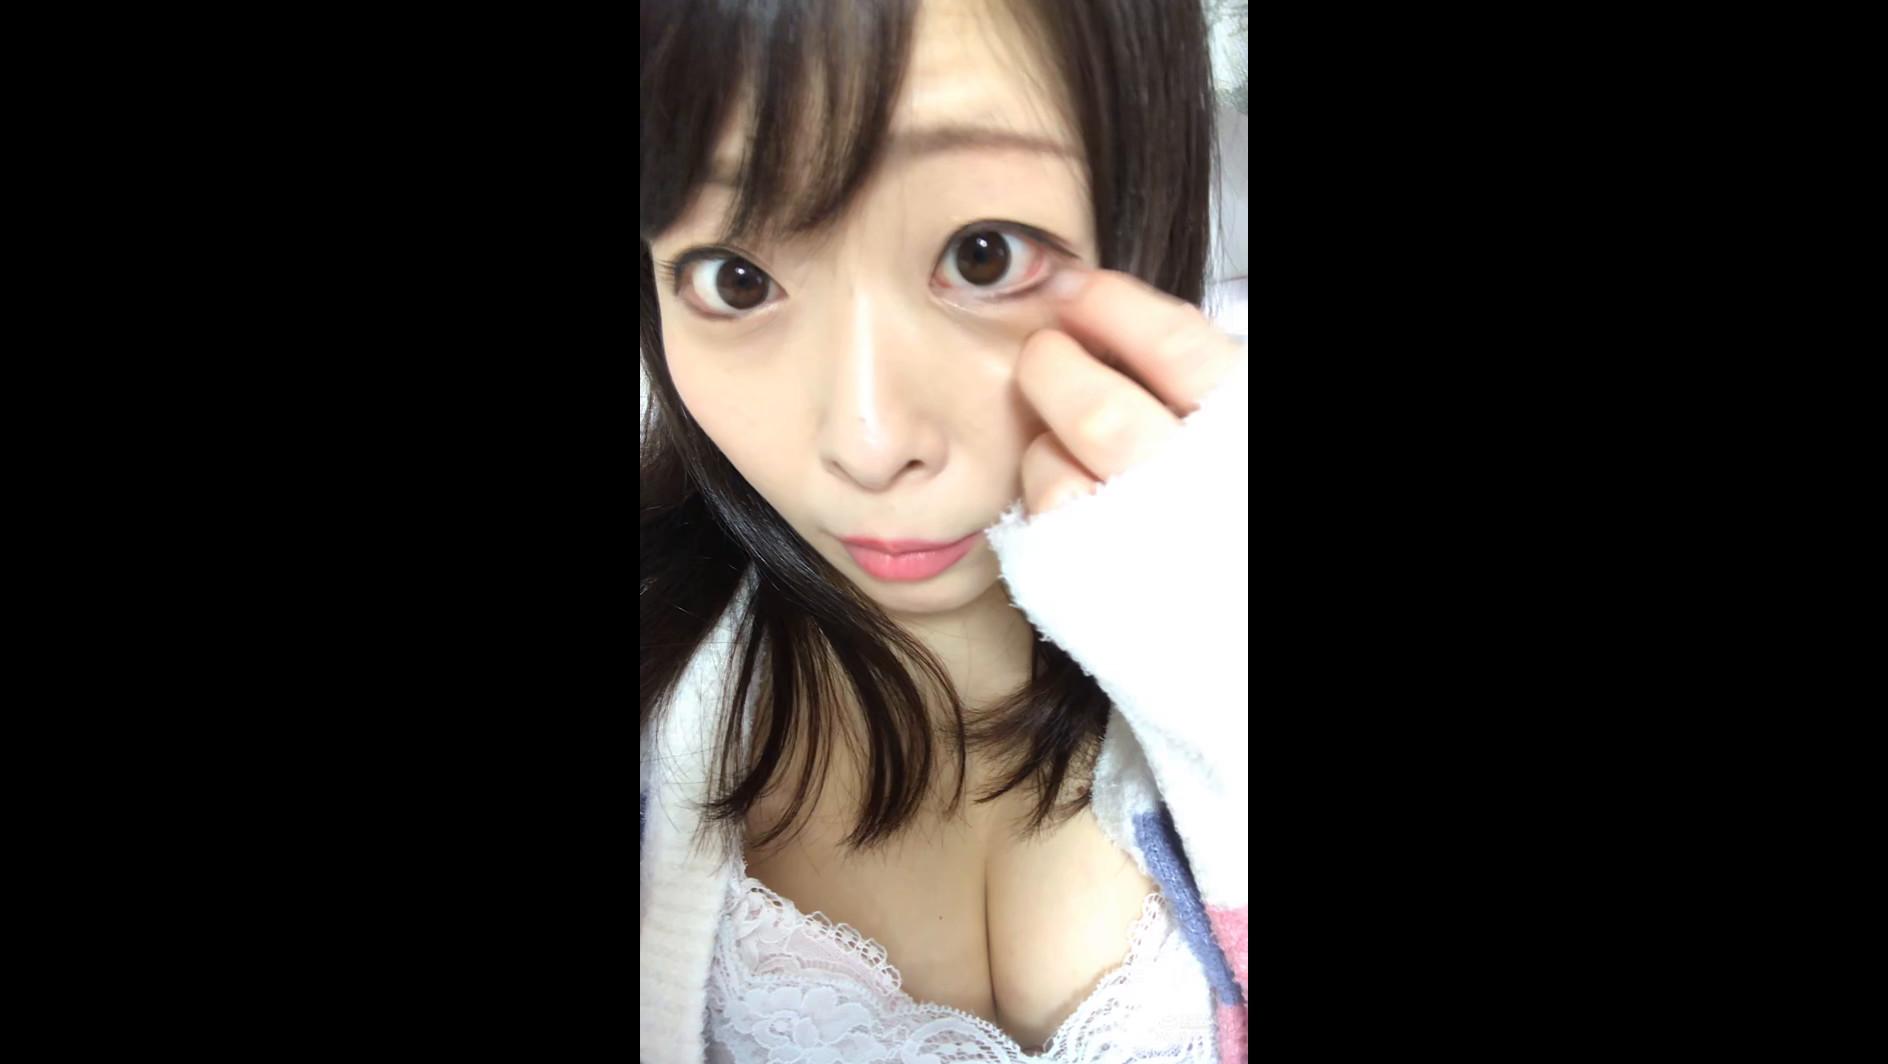 ビデオ通話エッチ JOIみおり 【縦動画】